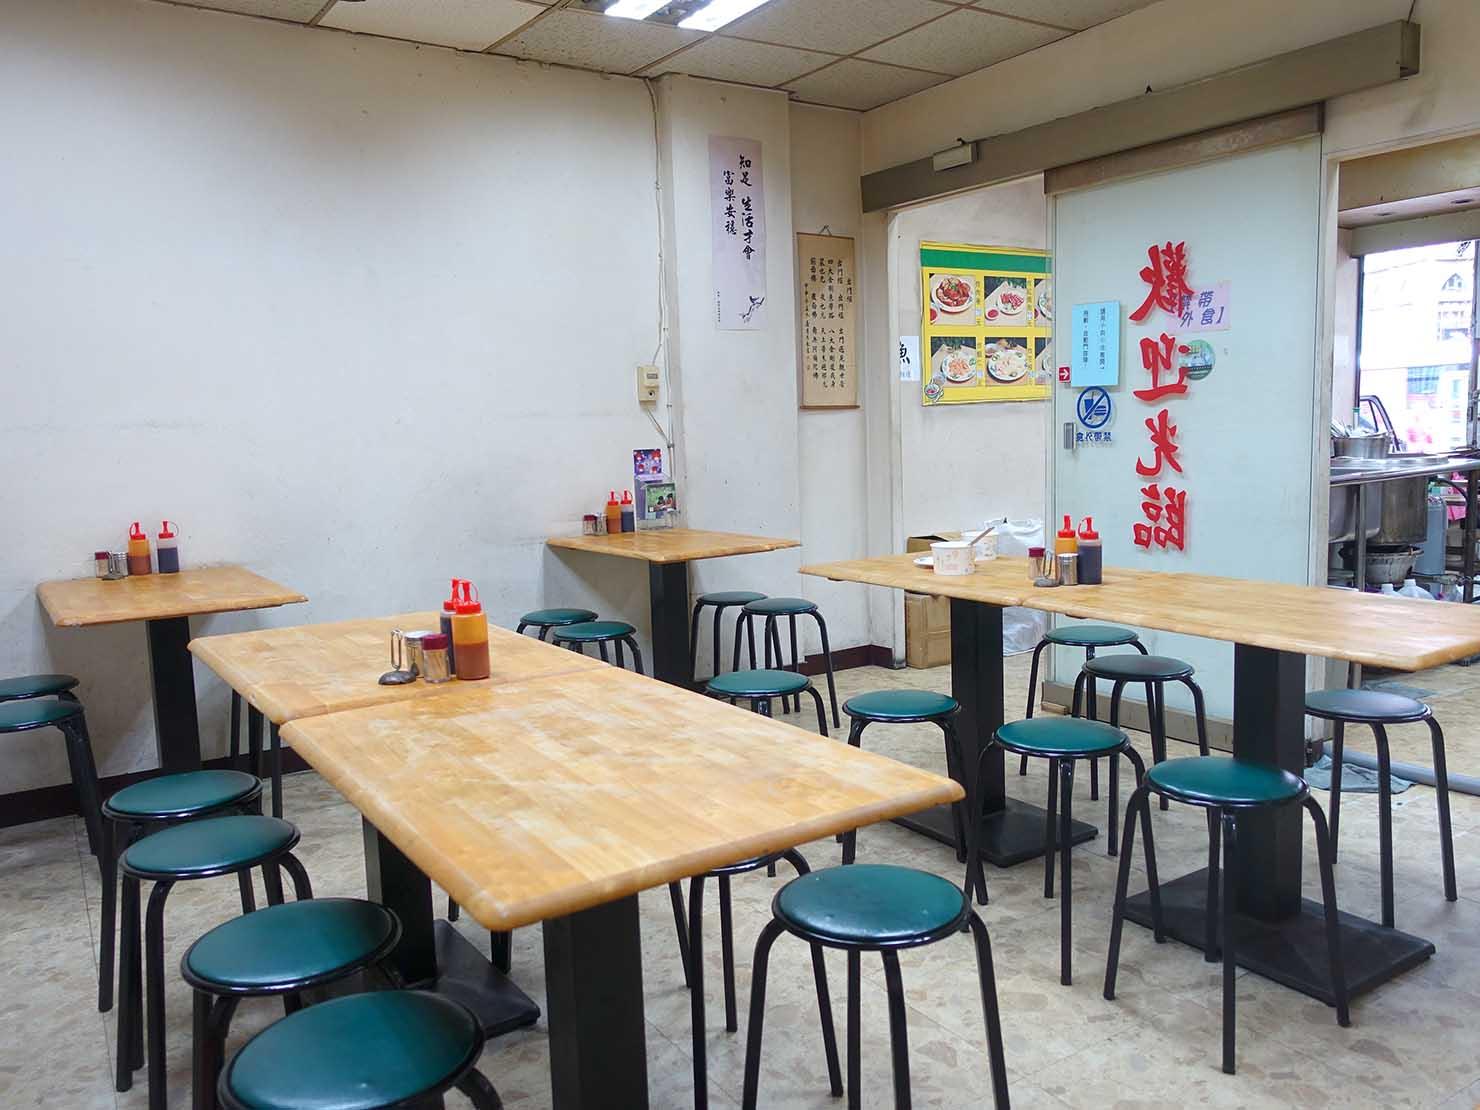 台北・中正紀念堂のおすすめグルメ店「三娘香菇肉粥」の店内